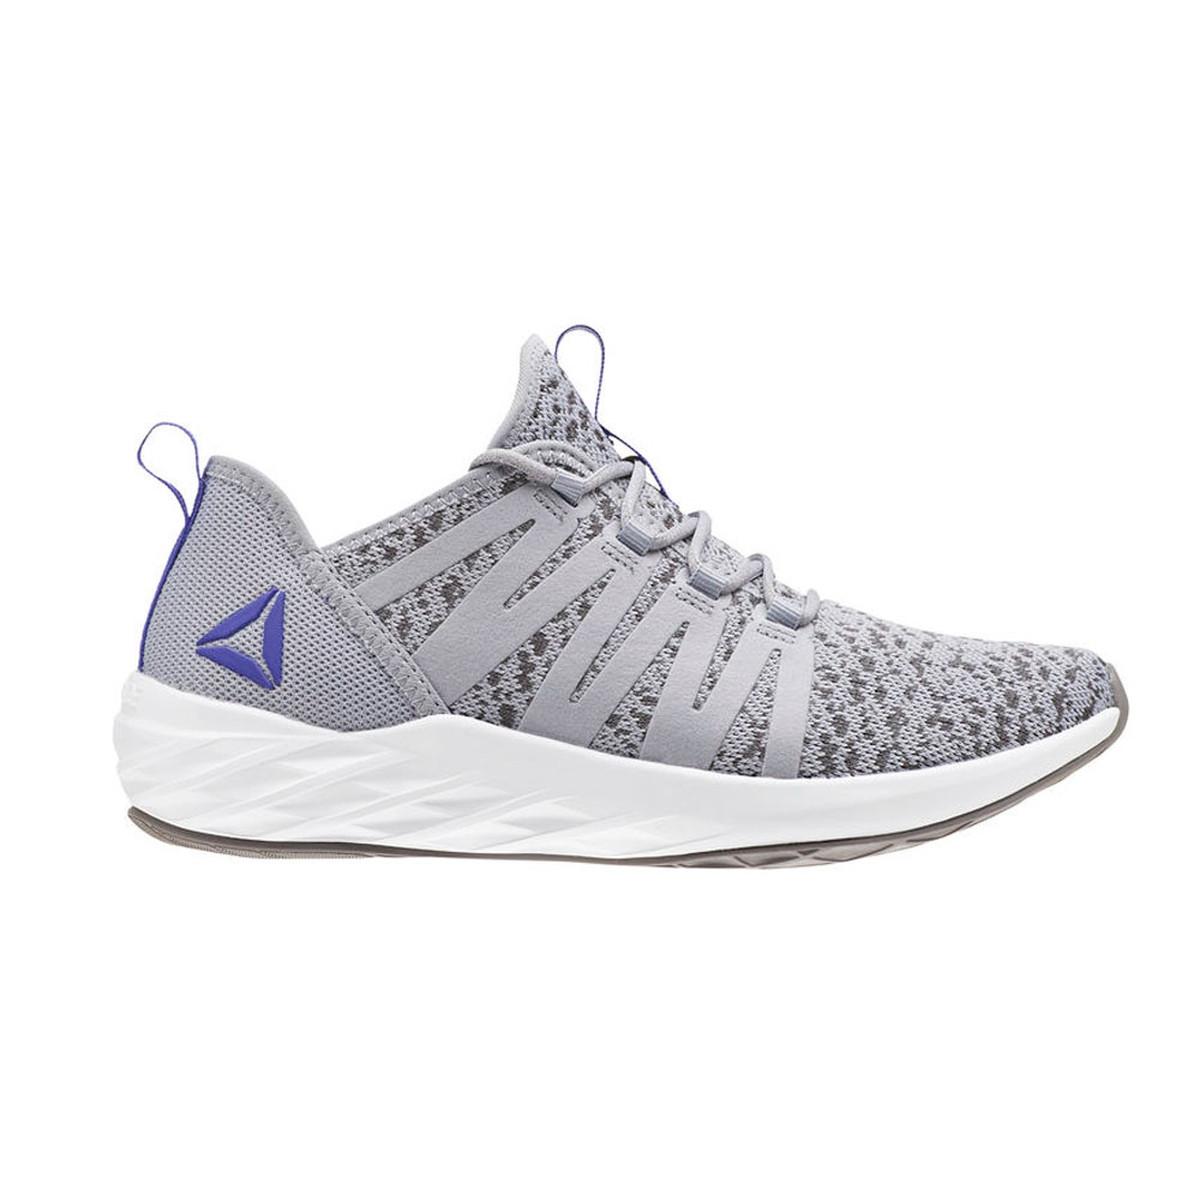 garrapata Barbero Poderoso  Zapatillas Reebok Astroride Future Sport W Running para Mujer | Runa Store